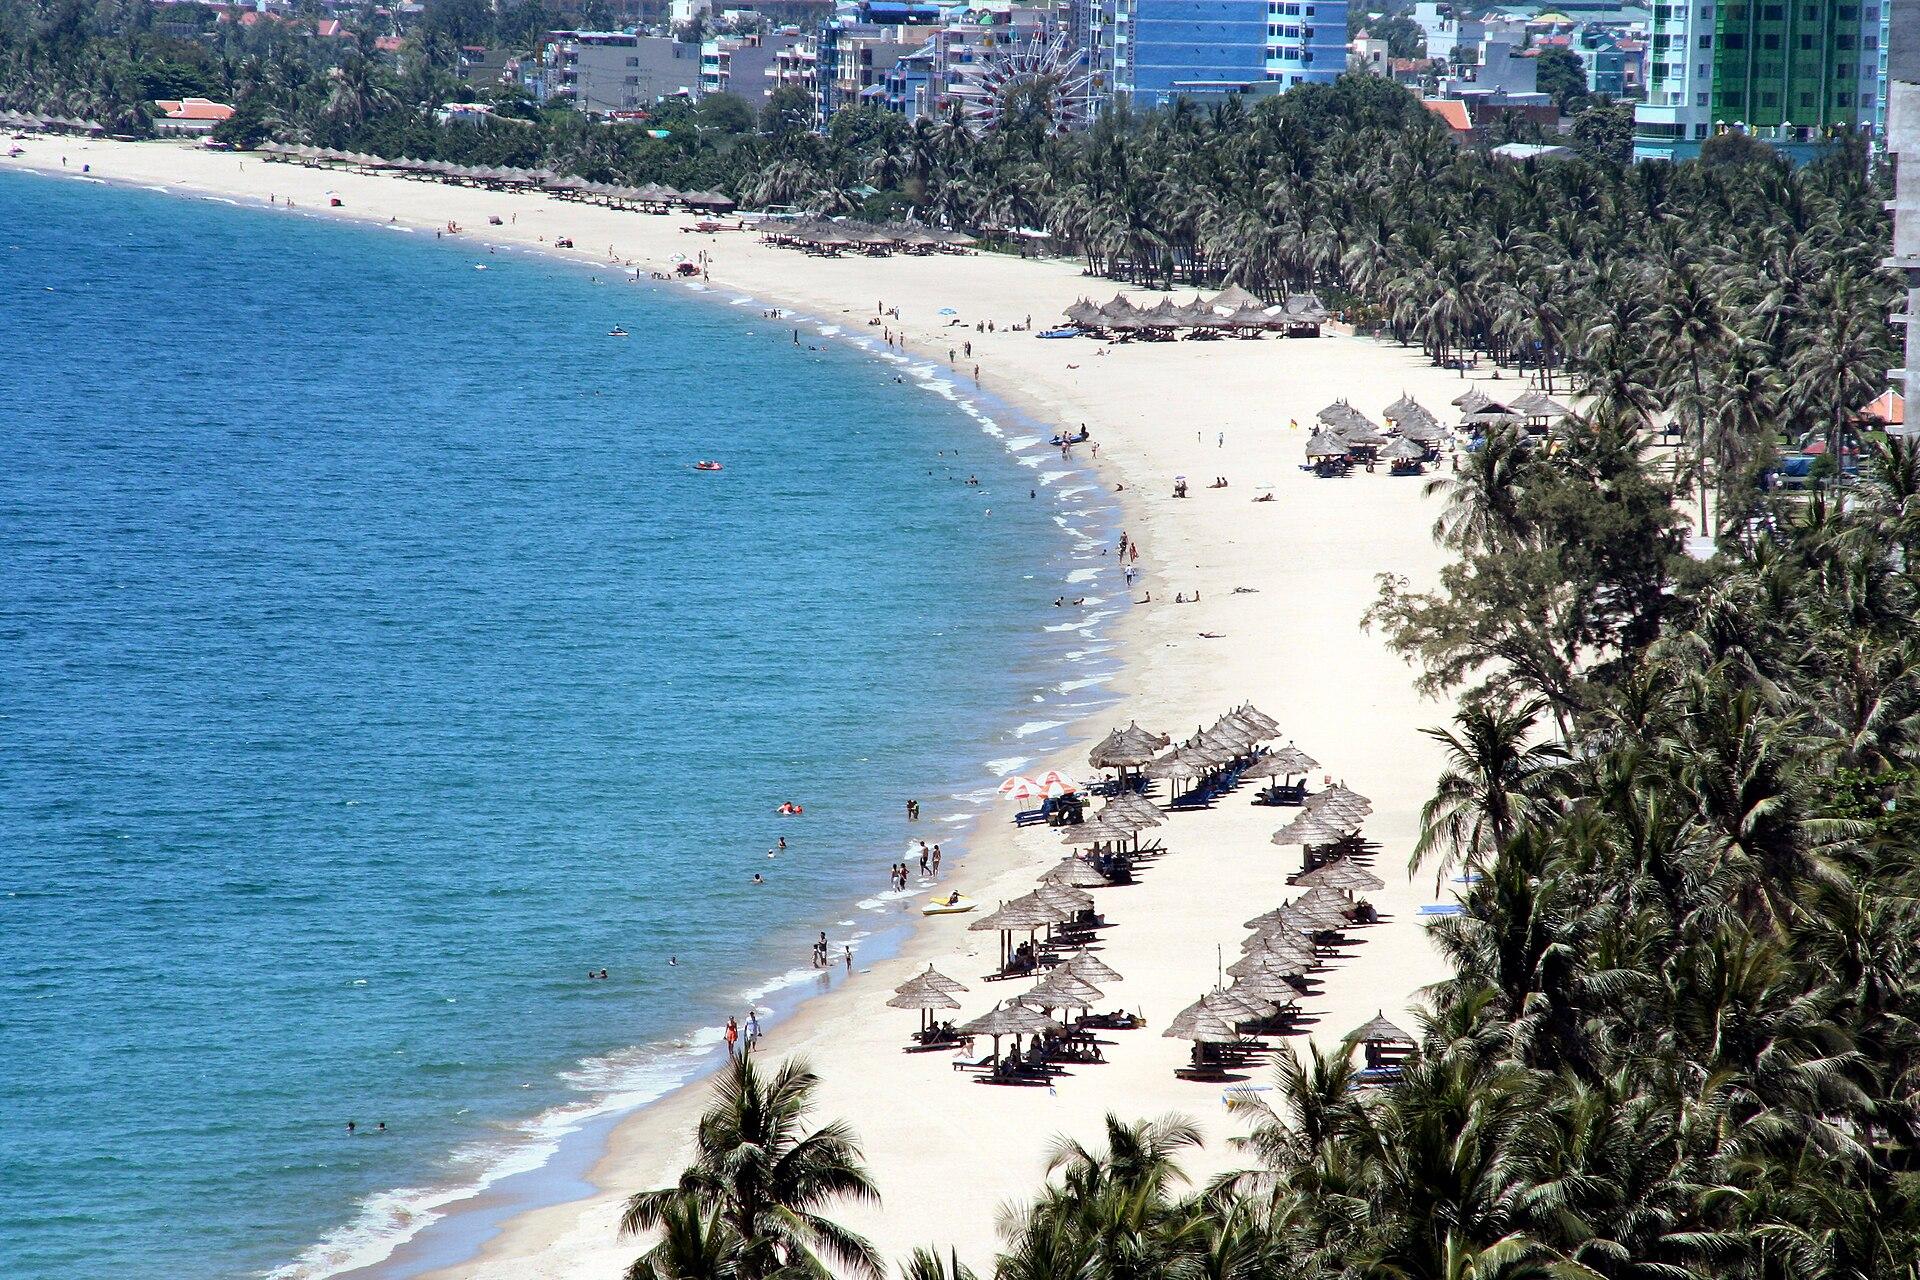 ベトナム・ニャチャンのビーチリゾート(画像はWikipediaよりお借りしました。)